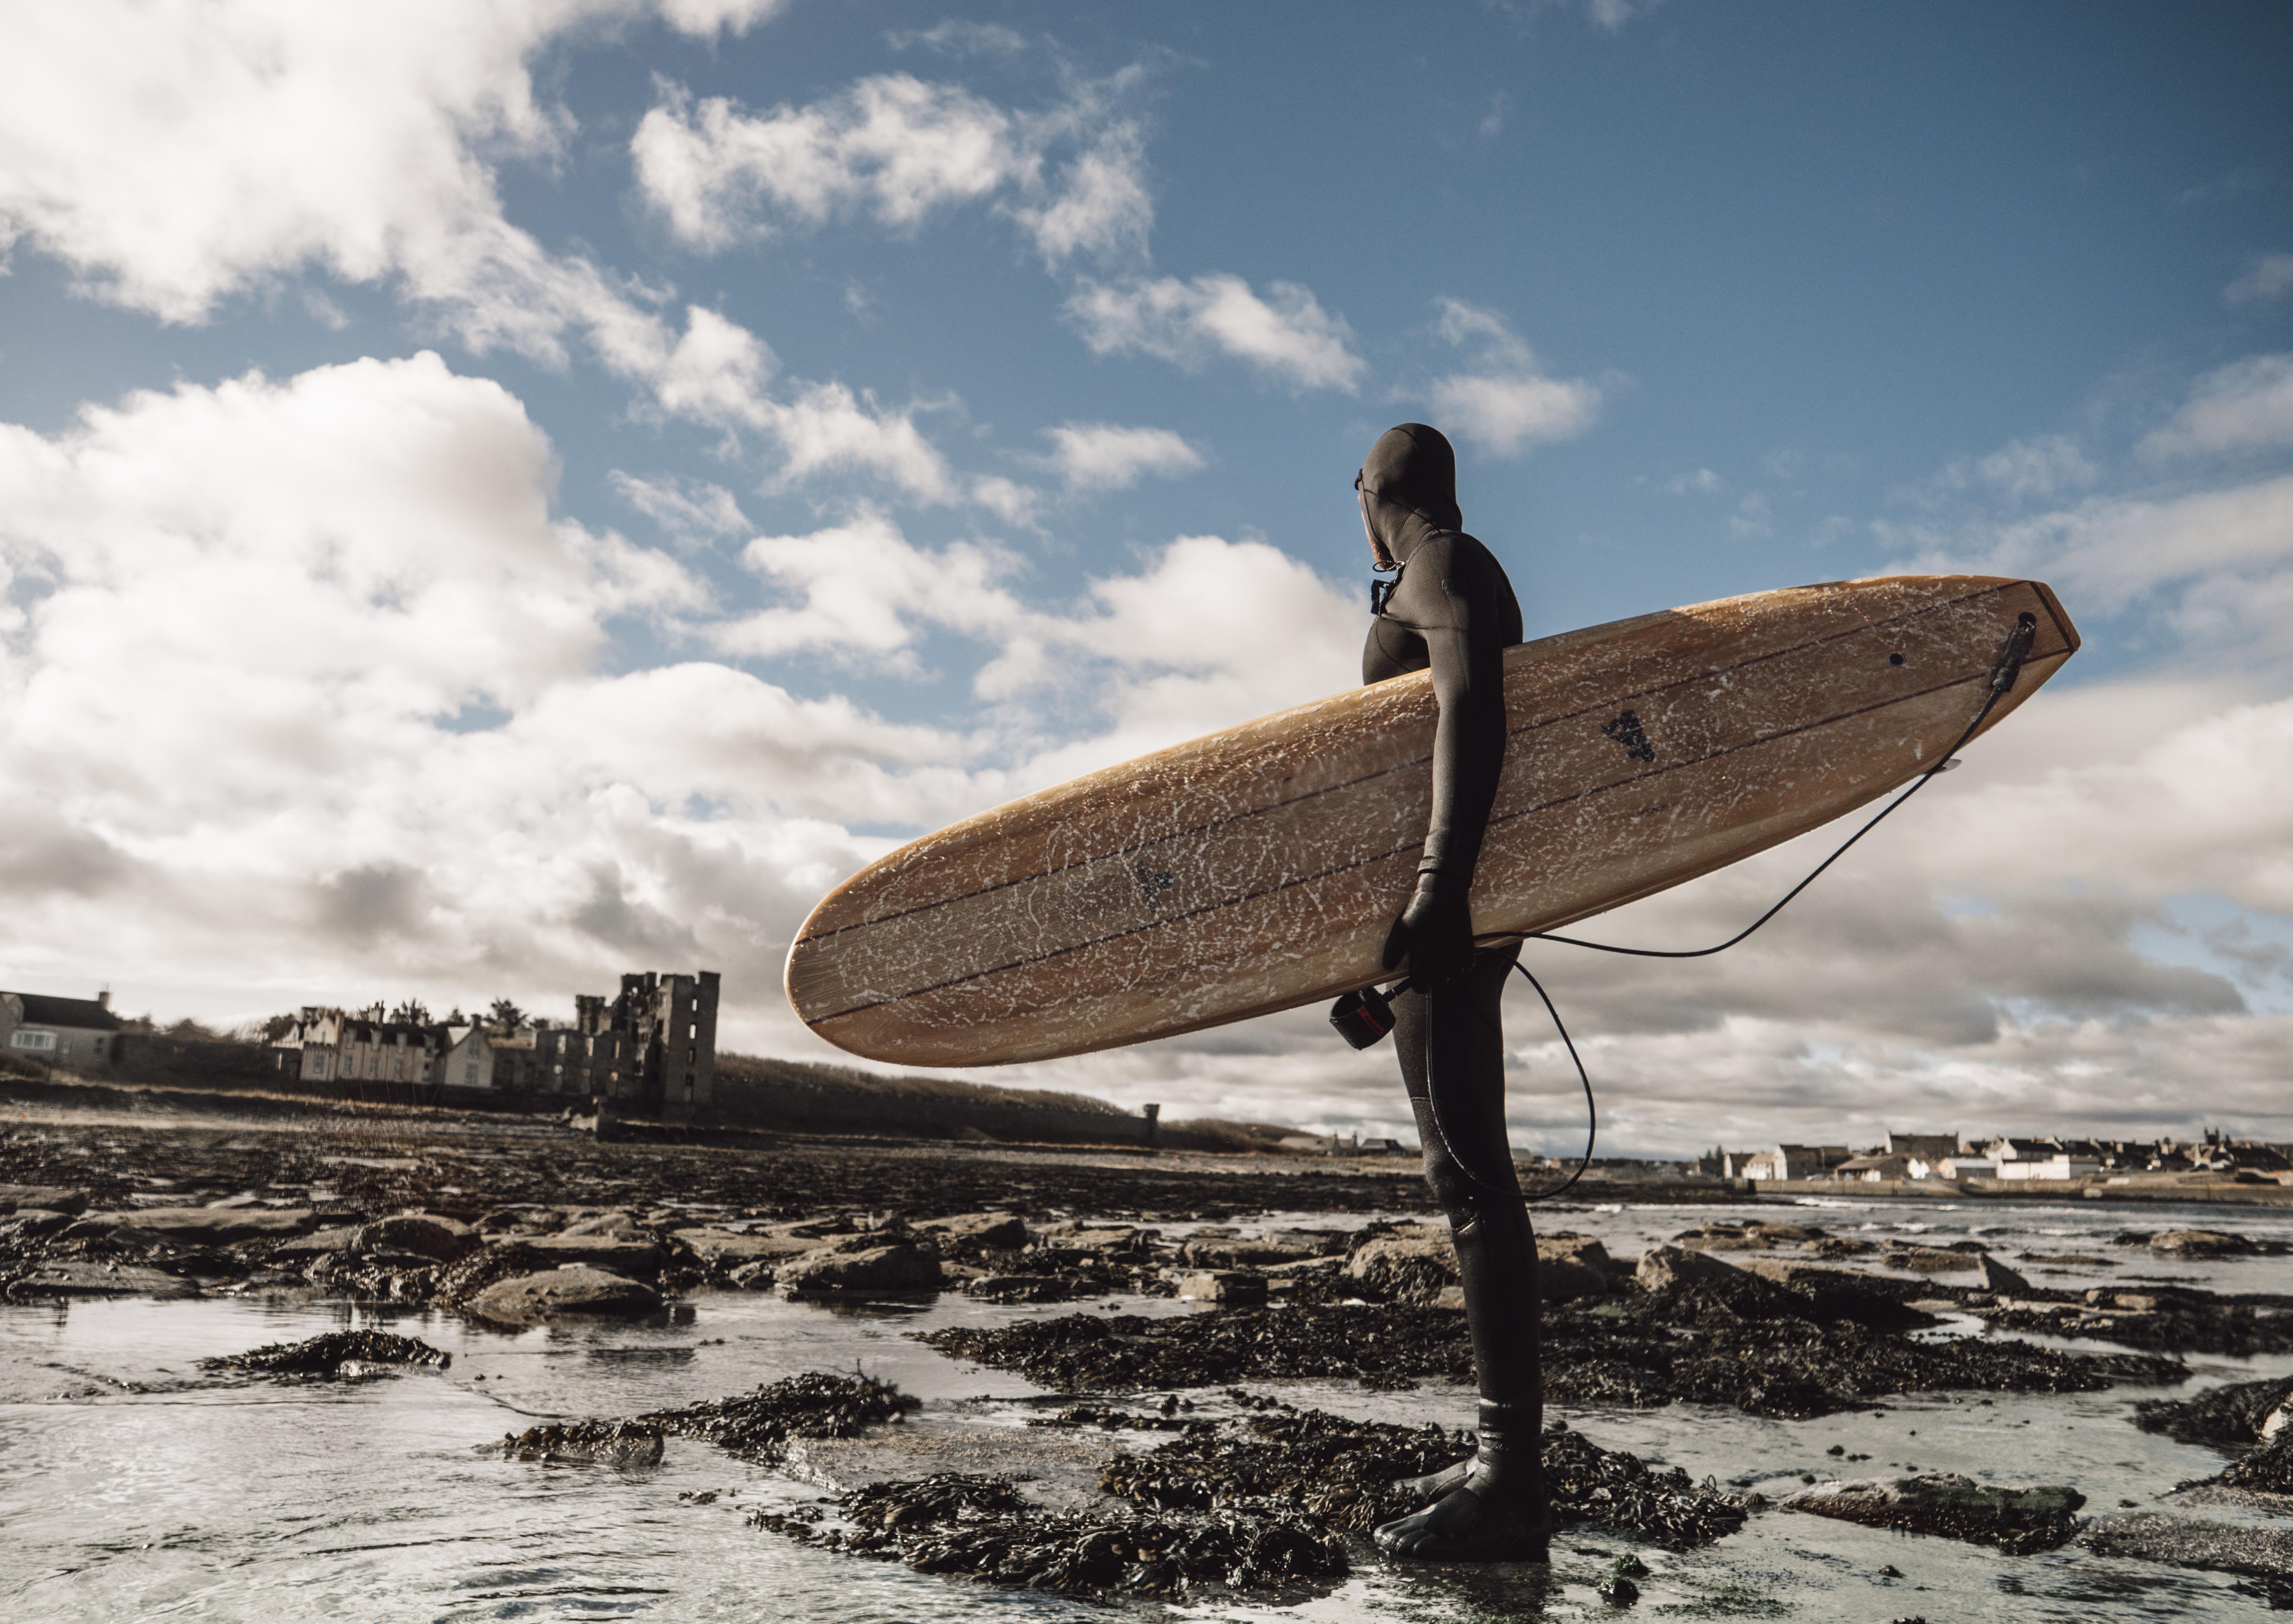 *Surfer 2